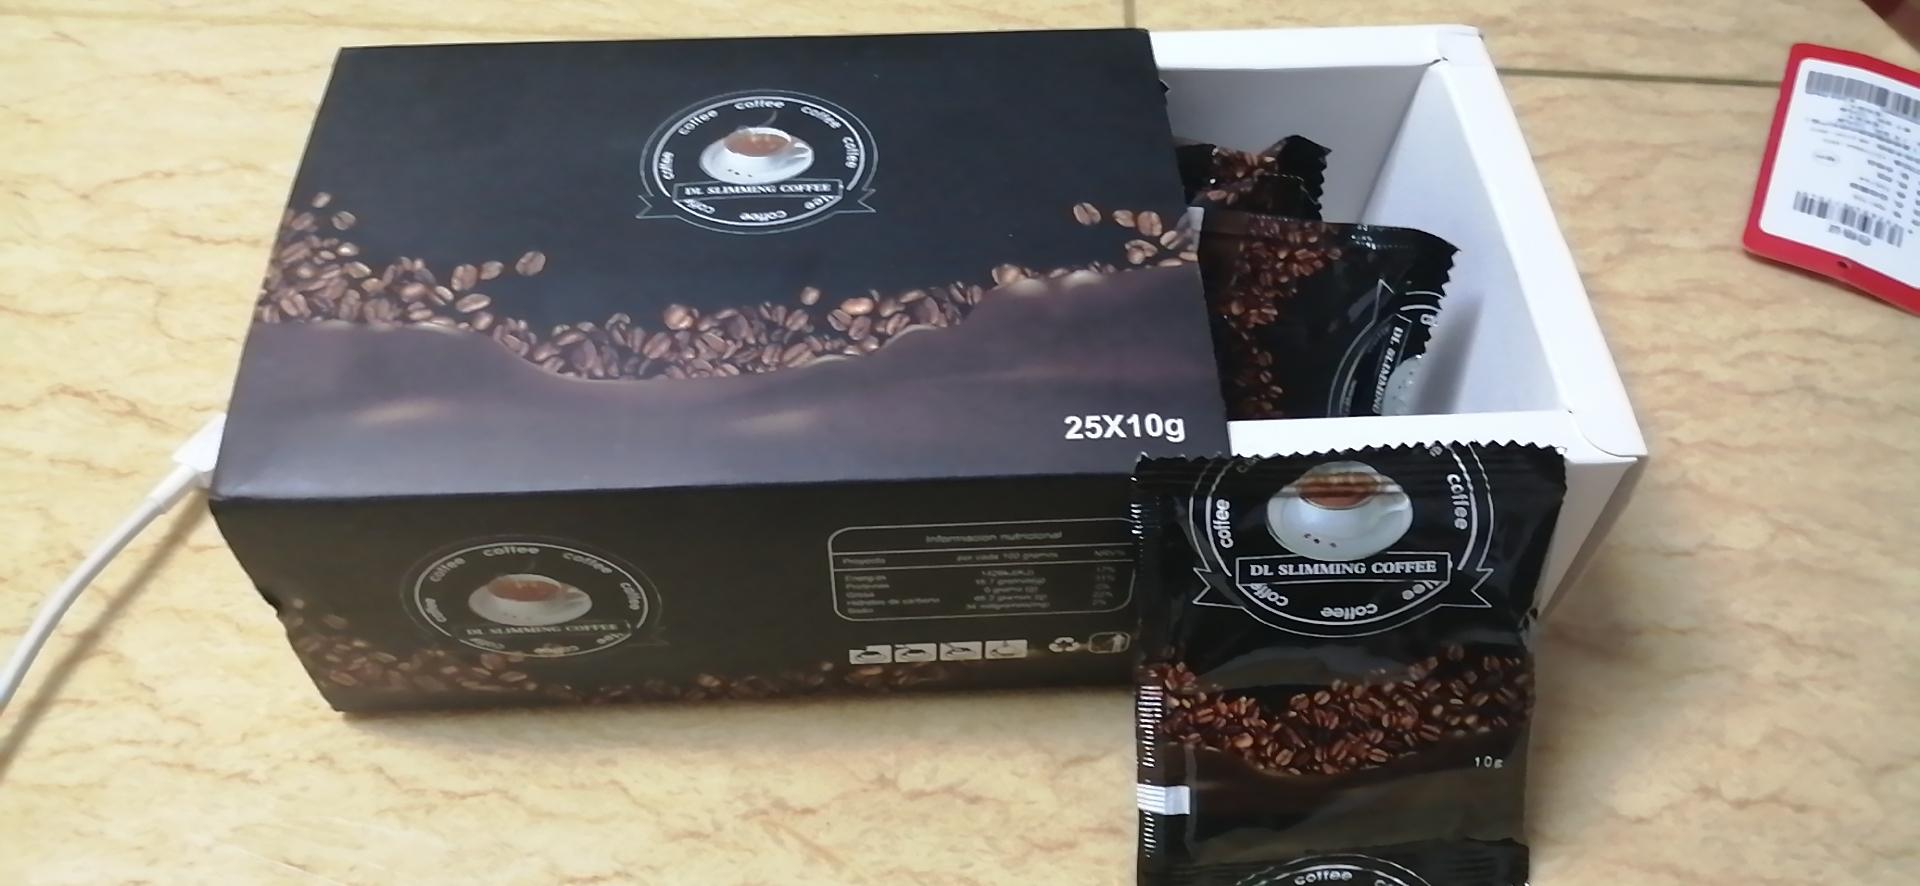 微爆款新款强效DL燃脂瘦身咖啡